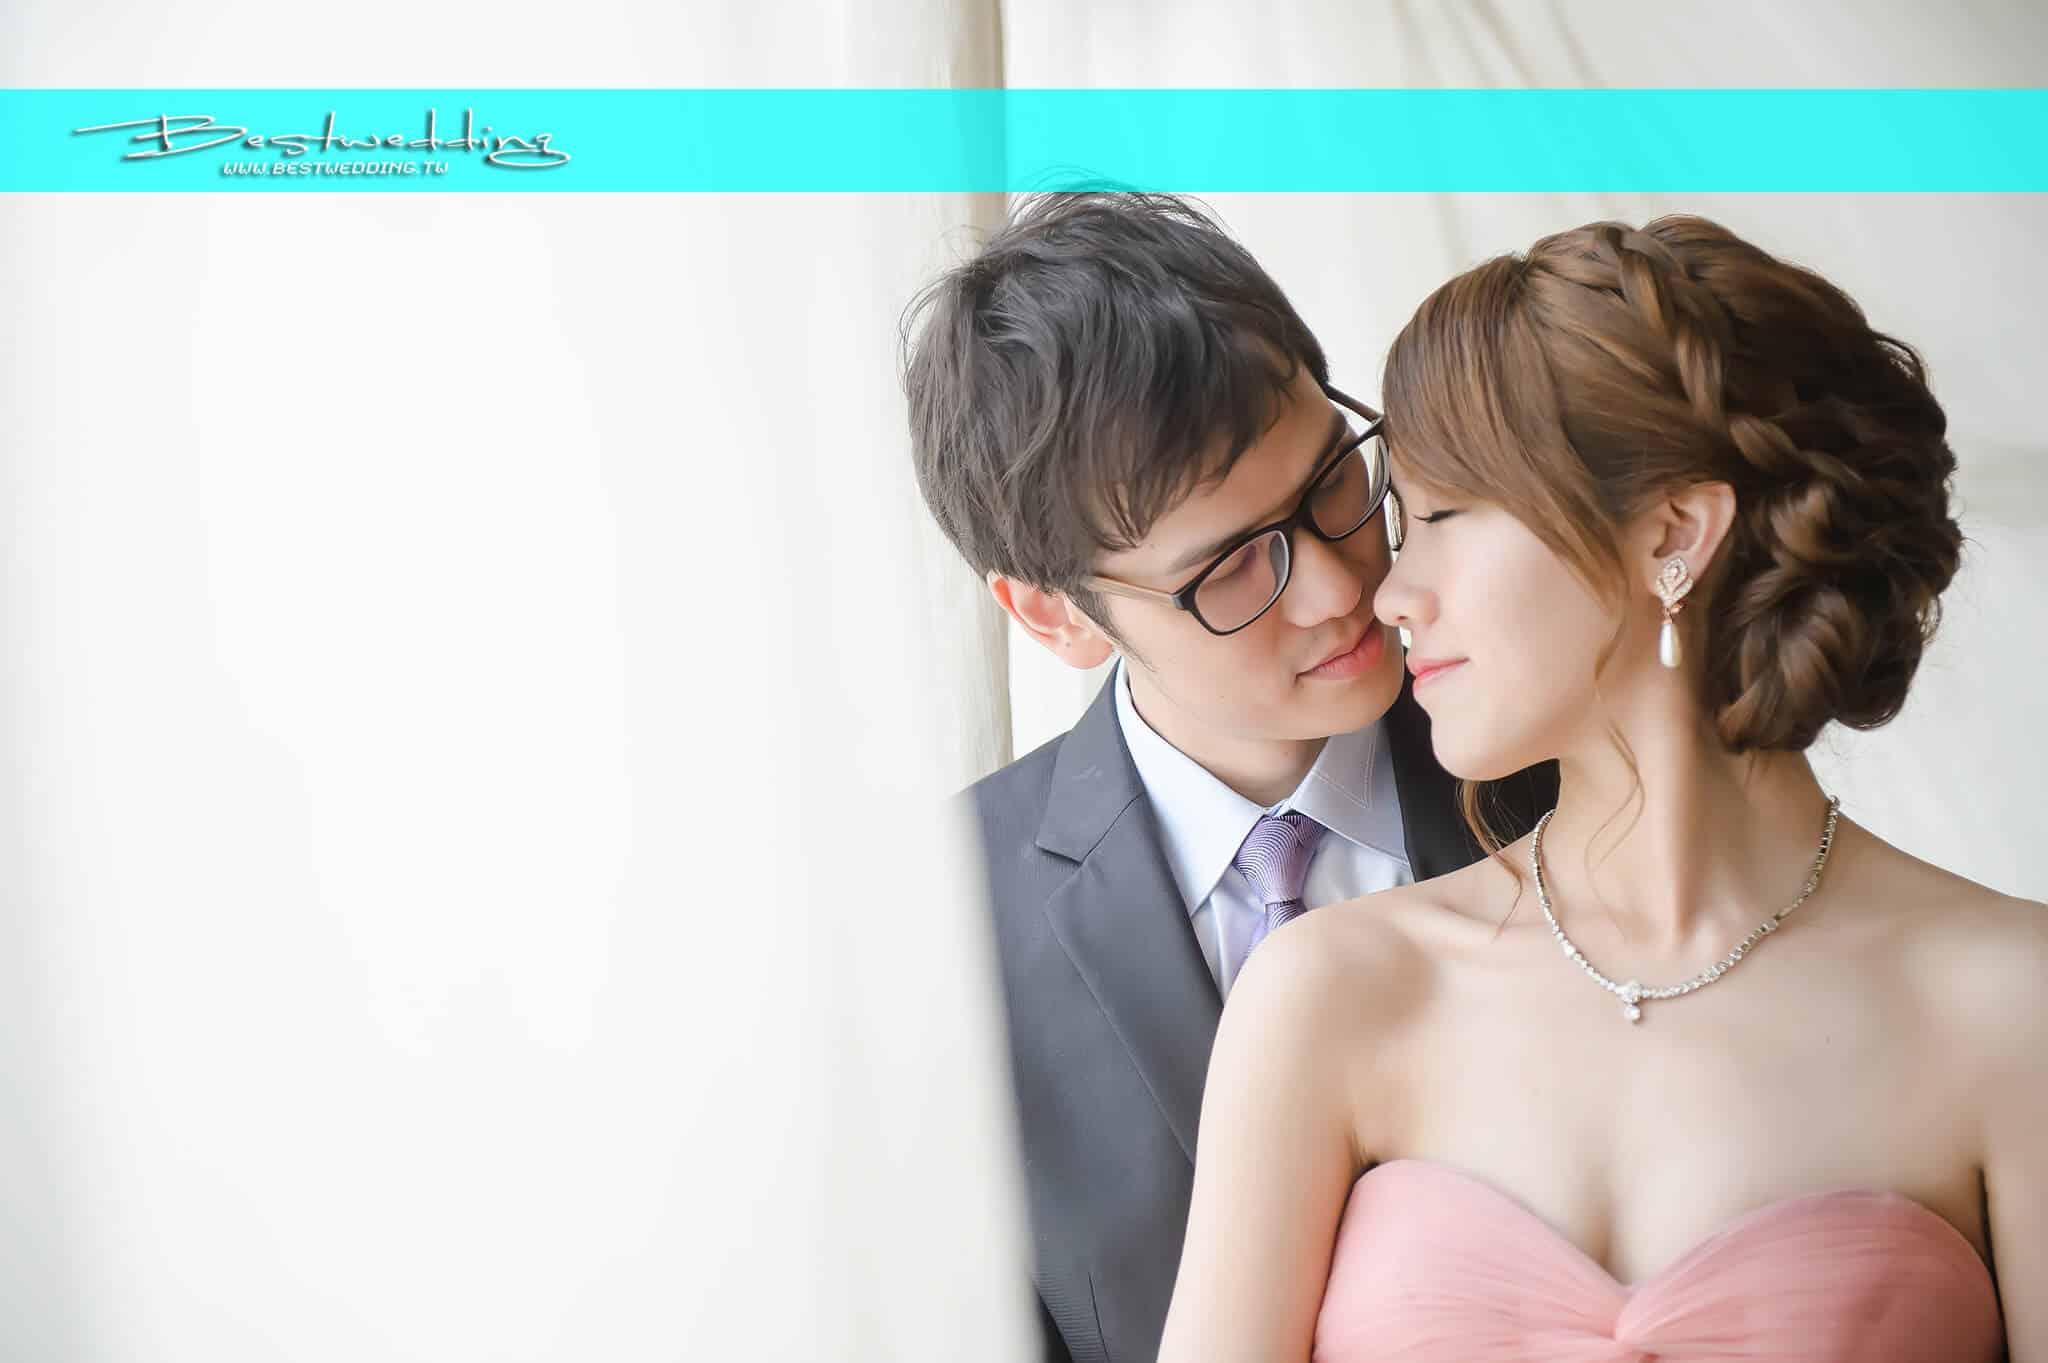 婚攝 - 柏青 ♥ 珈誼 南方莊園渡假飯店